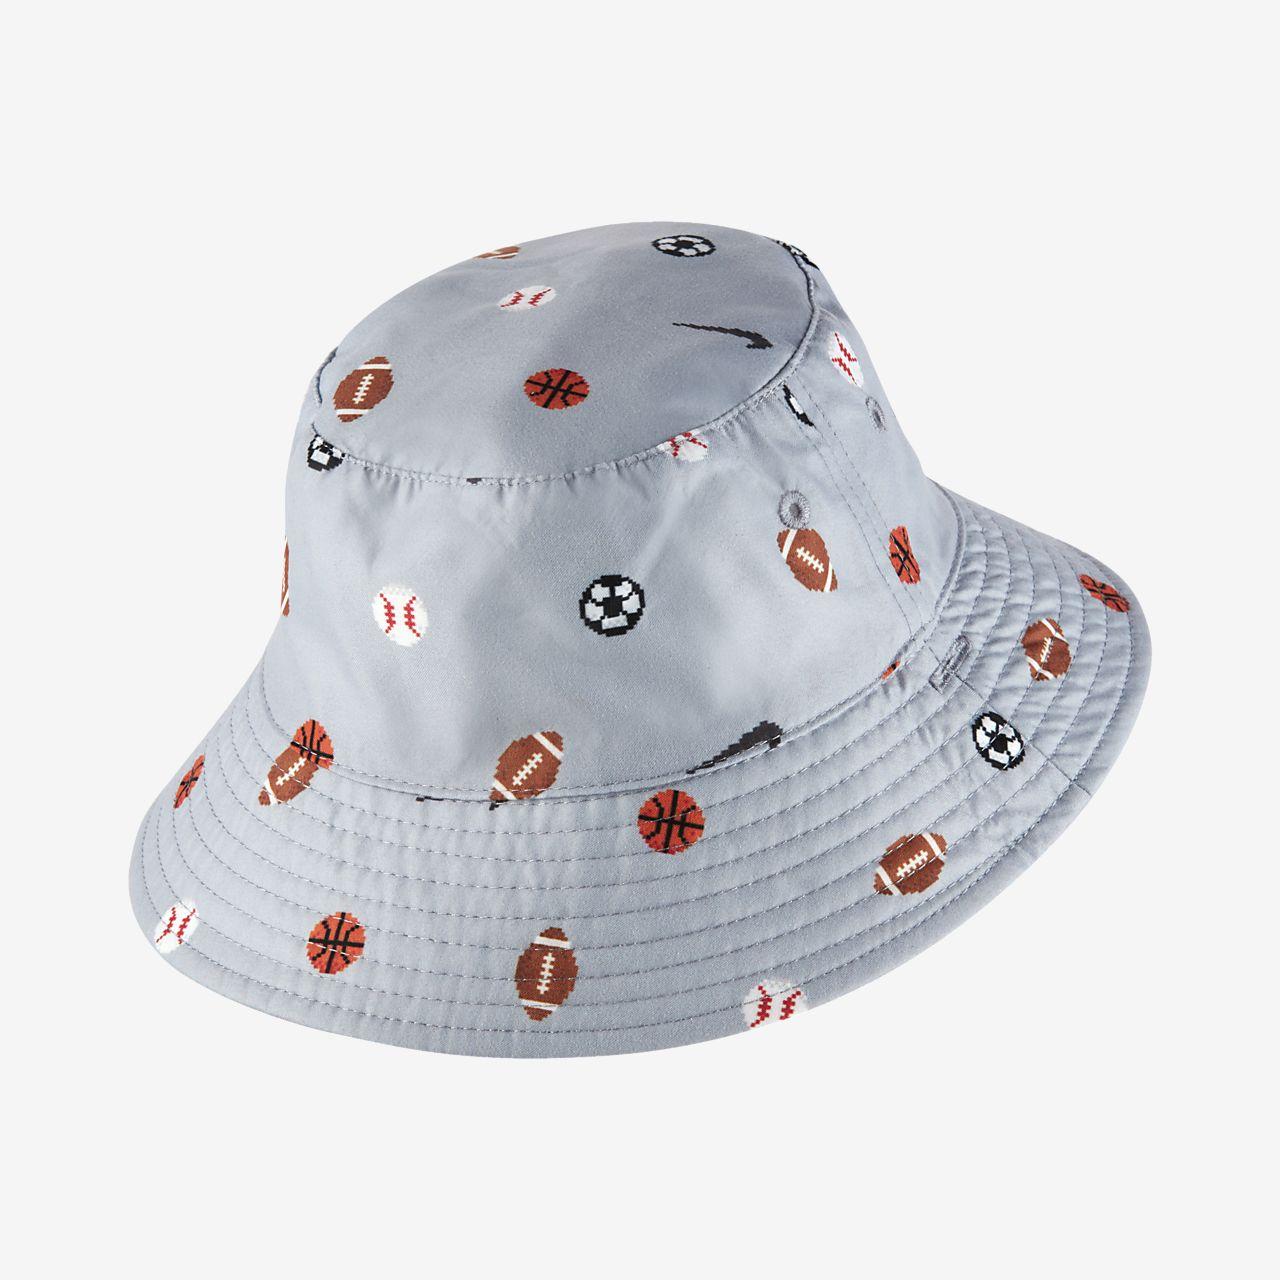 47dc8c60 Low Resolution Nike Toddler Reversible Bucket Hat Nike Toddler Reversible Bucket  Hat